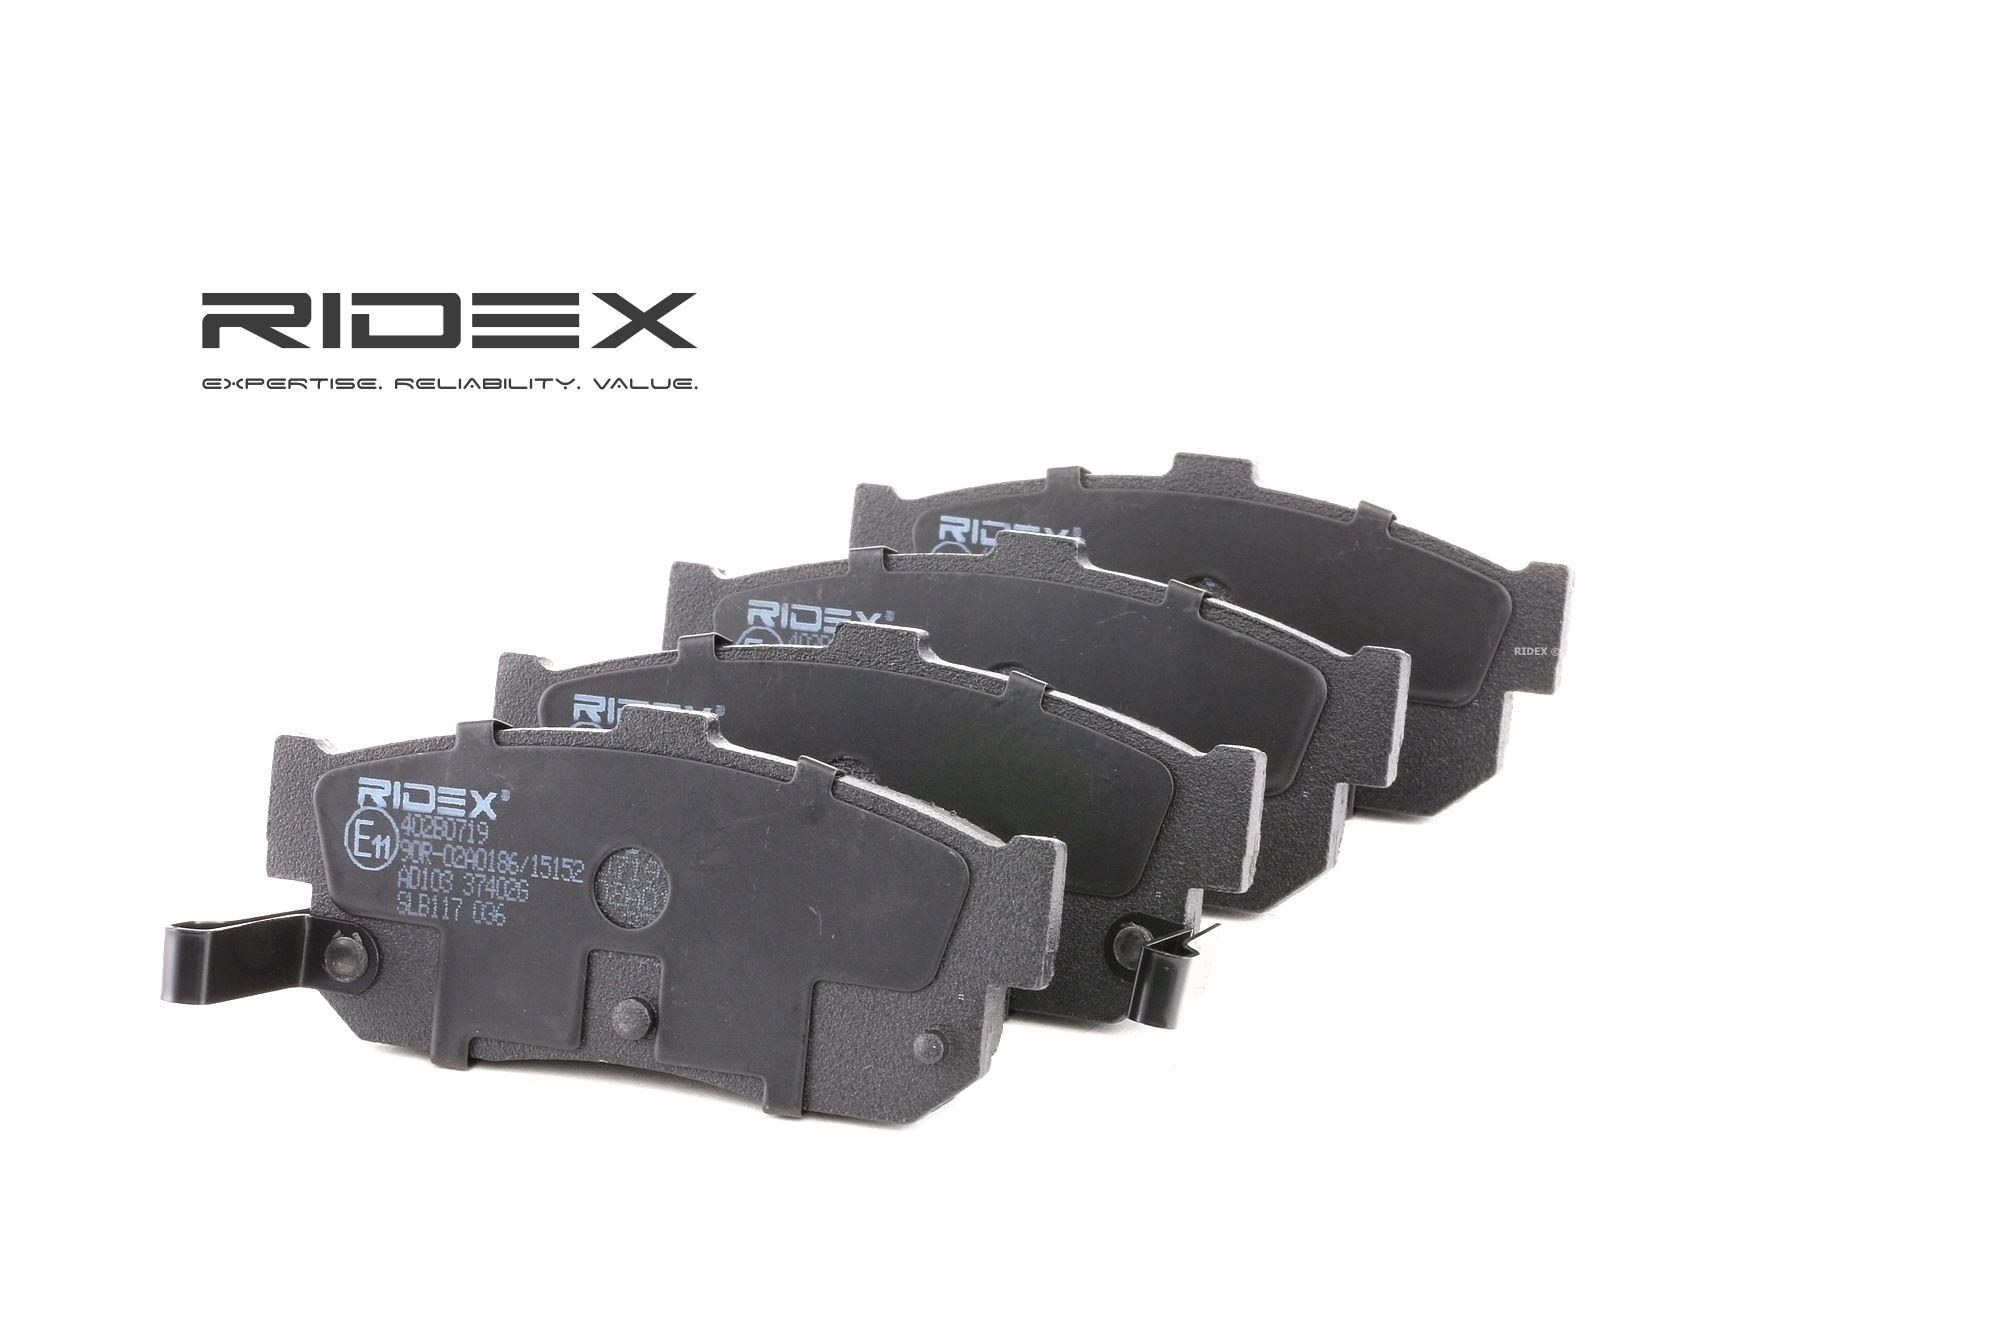 Bremsbelagsatz RIDEX 402B0719 Bewertung